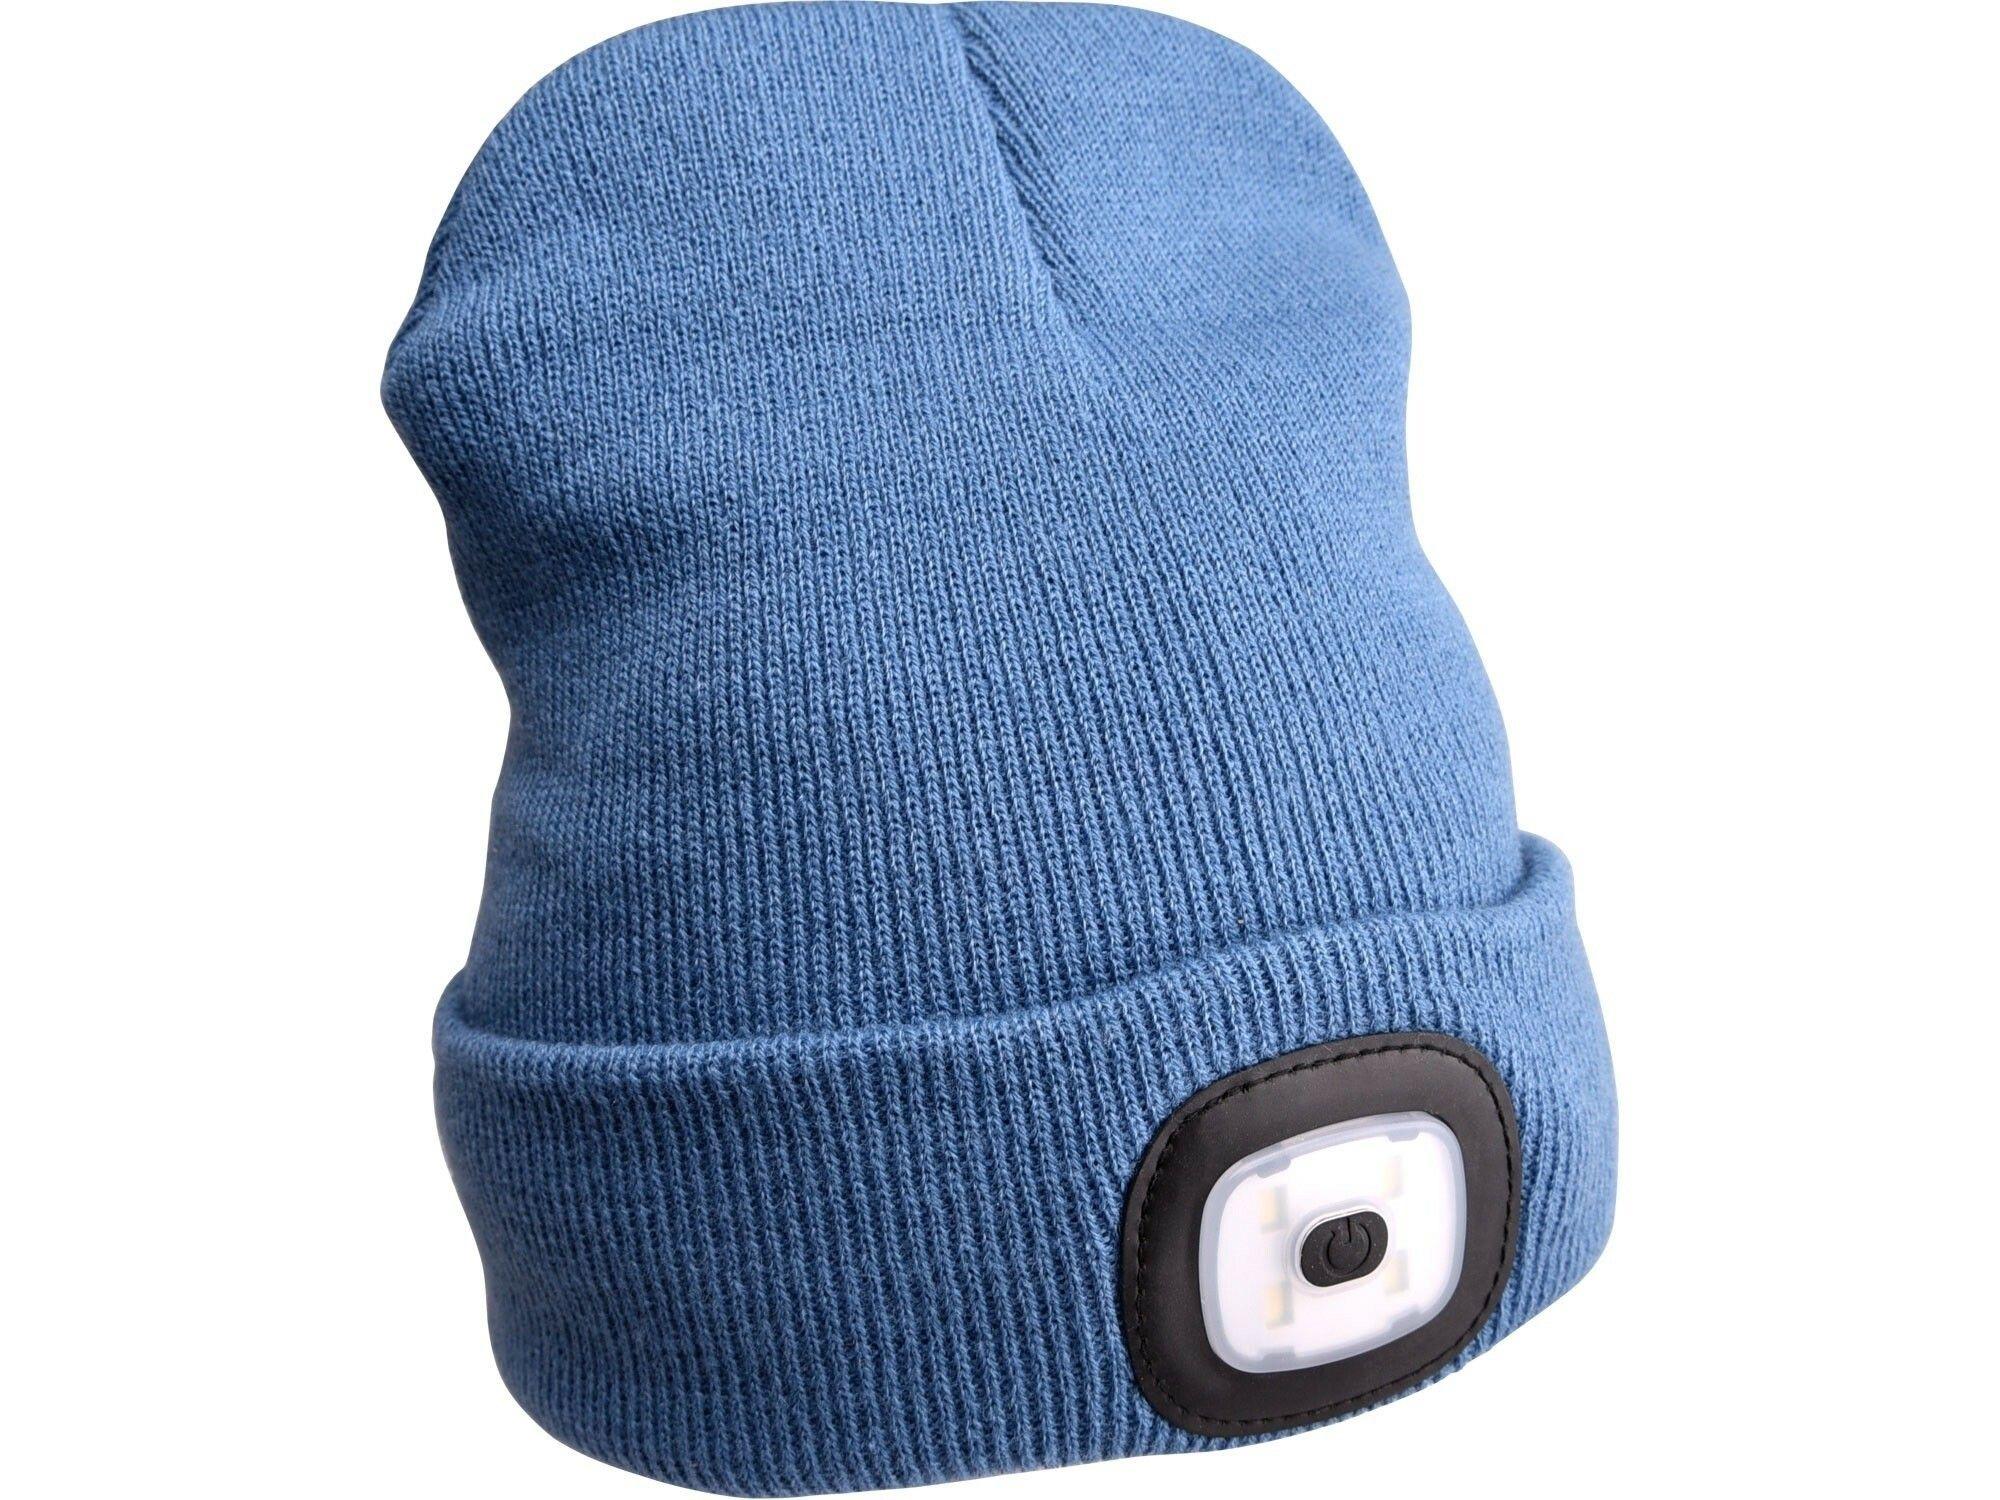 Čepice s čelovkou 180lm, nabíjecí, USB, univerzální velikost, modrá SIXTOL